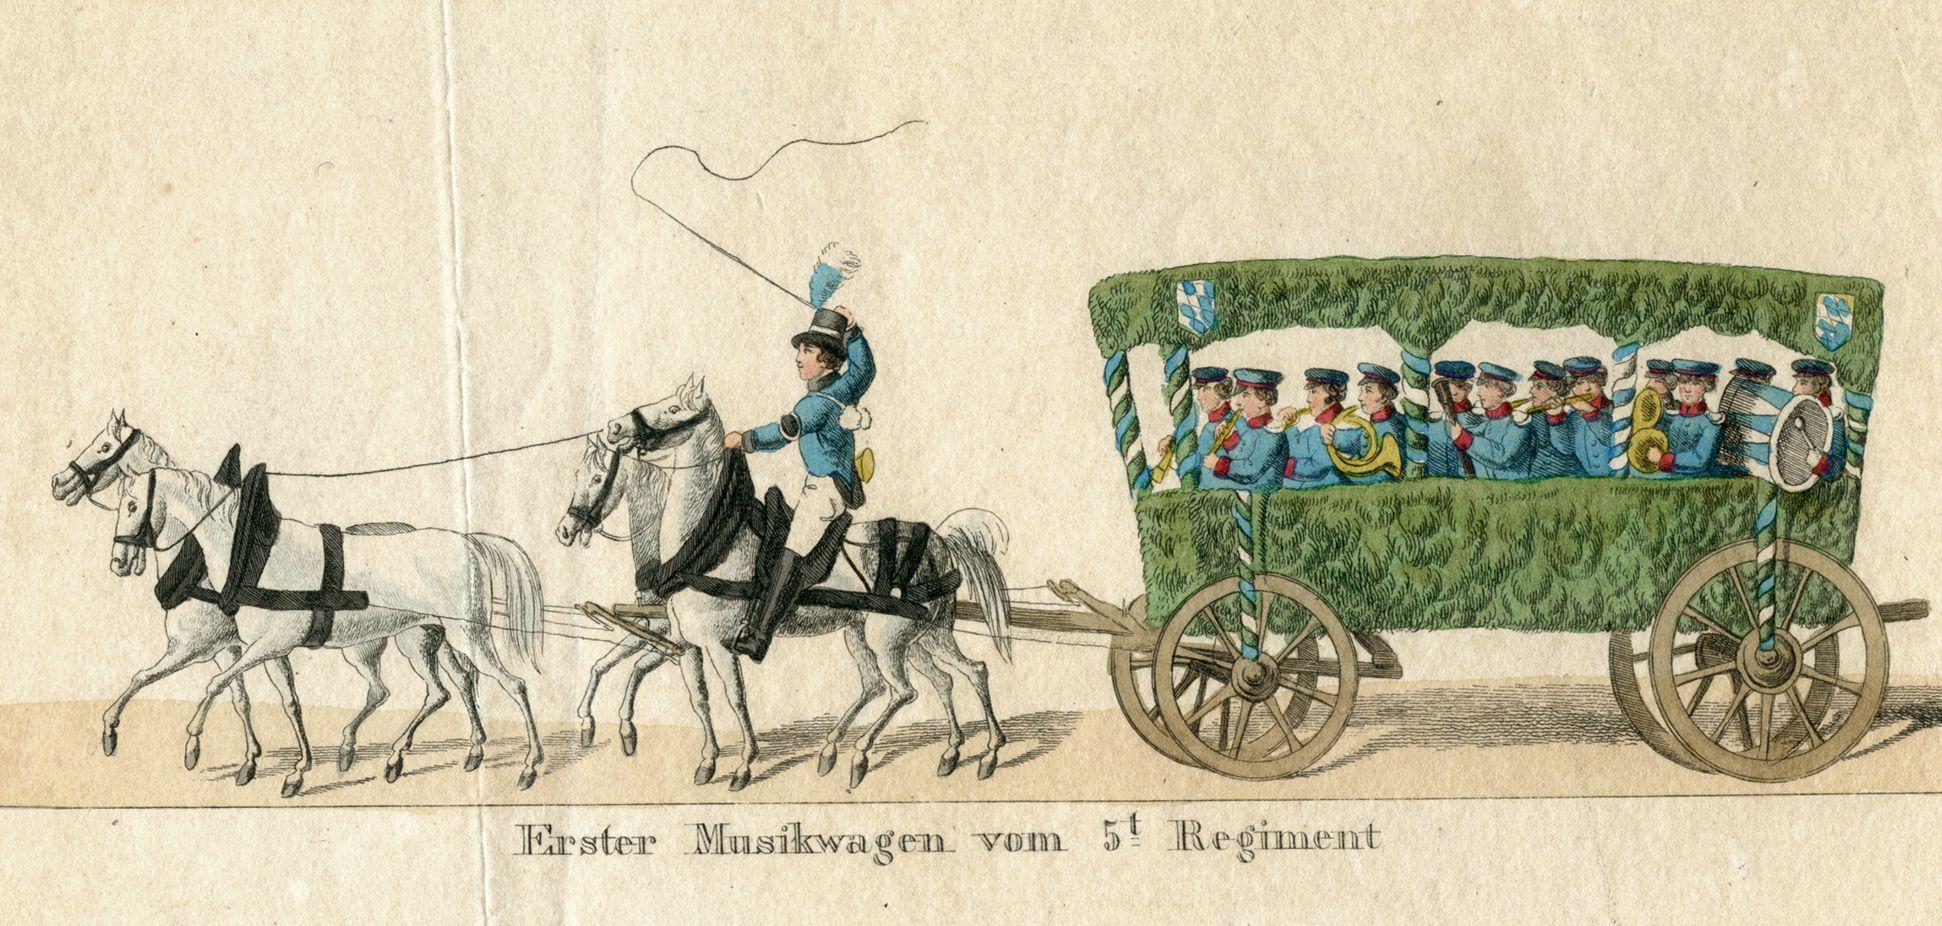 Das Volksfest in Nürnberg. II. Erste Zeile von oben, erster Musikwagen vom fünften Regiment